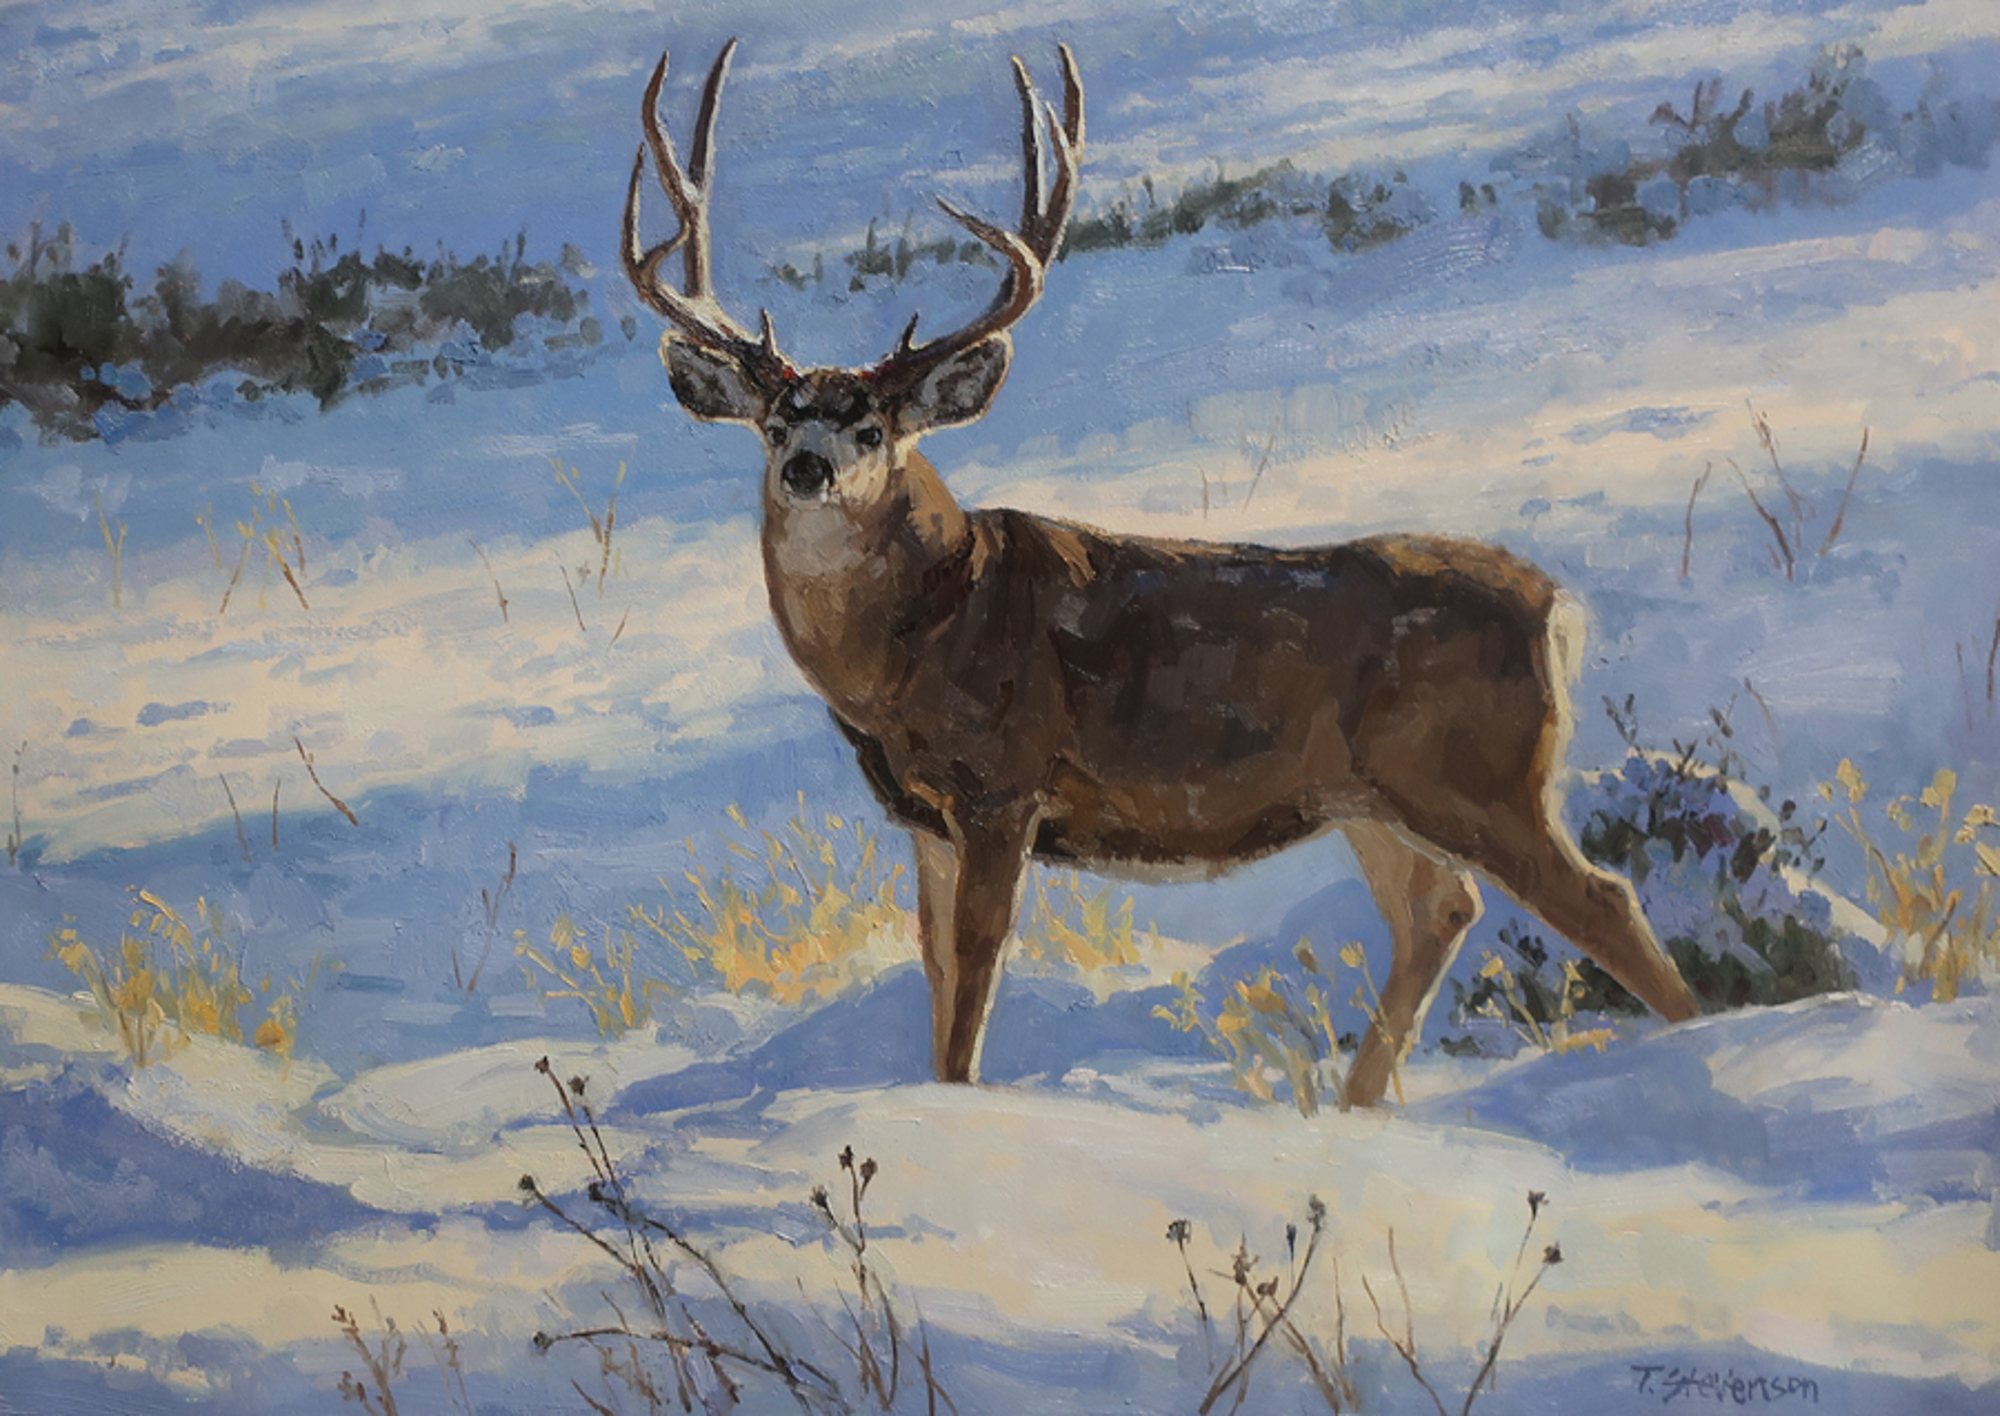 Winter Nobility by Tiffany Stevenson